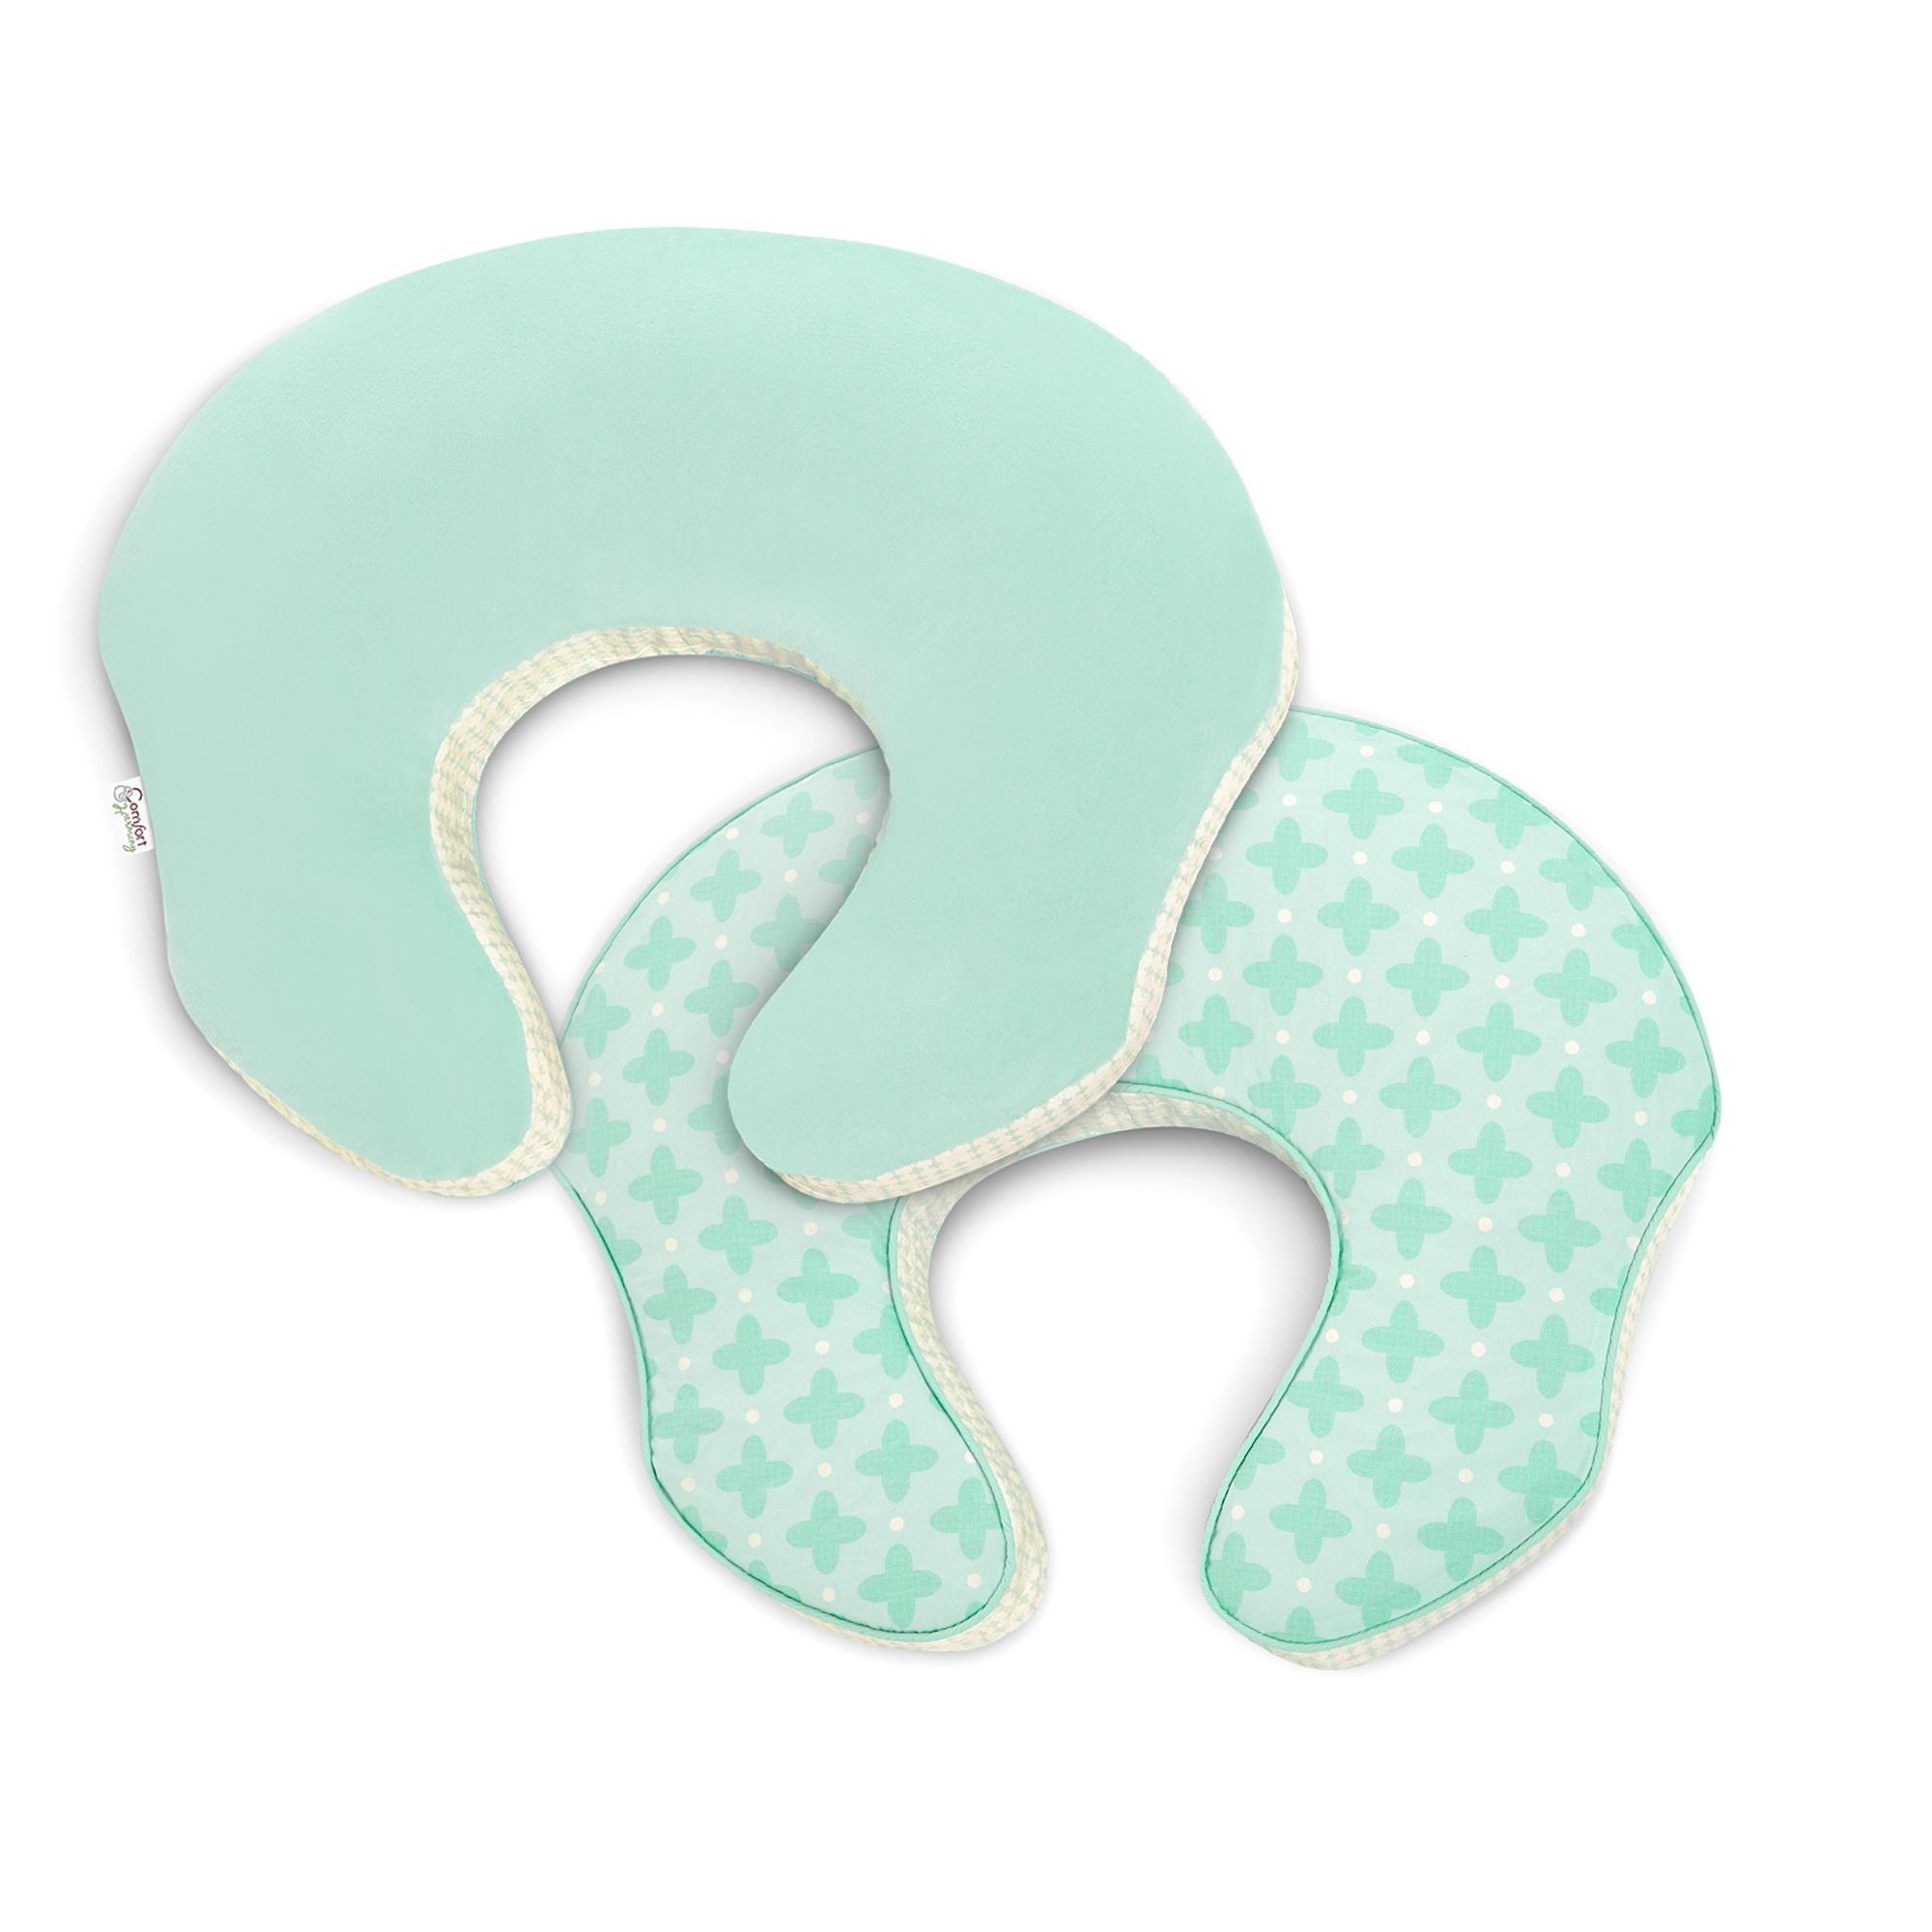 mombo Deluxe™ Nursing Pillow Slipcover - Mint to be Sweet™